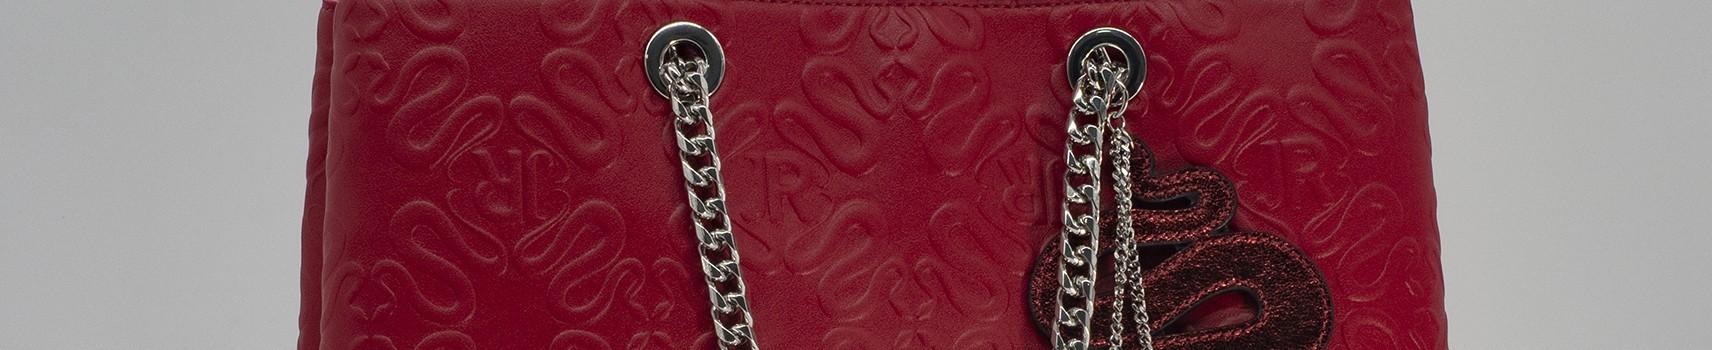 Borse a Mano da Donna | Collezione Richmond di AGEMINA Boutique